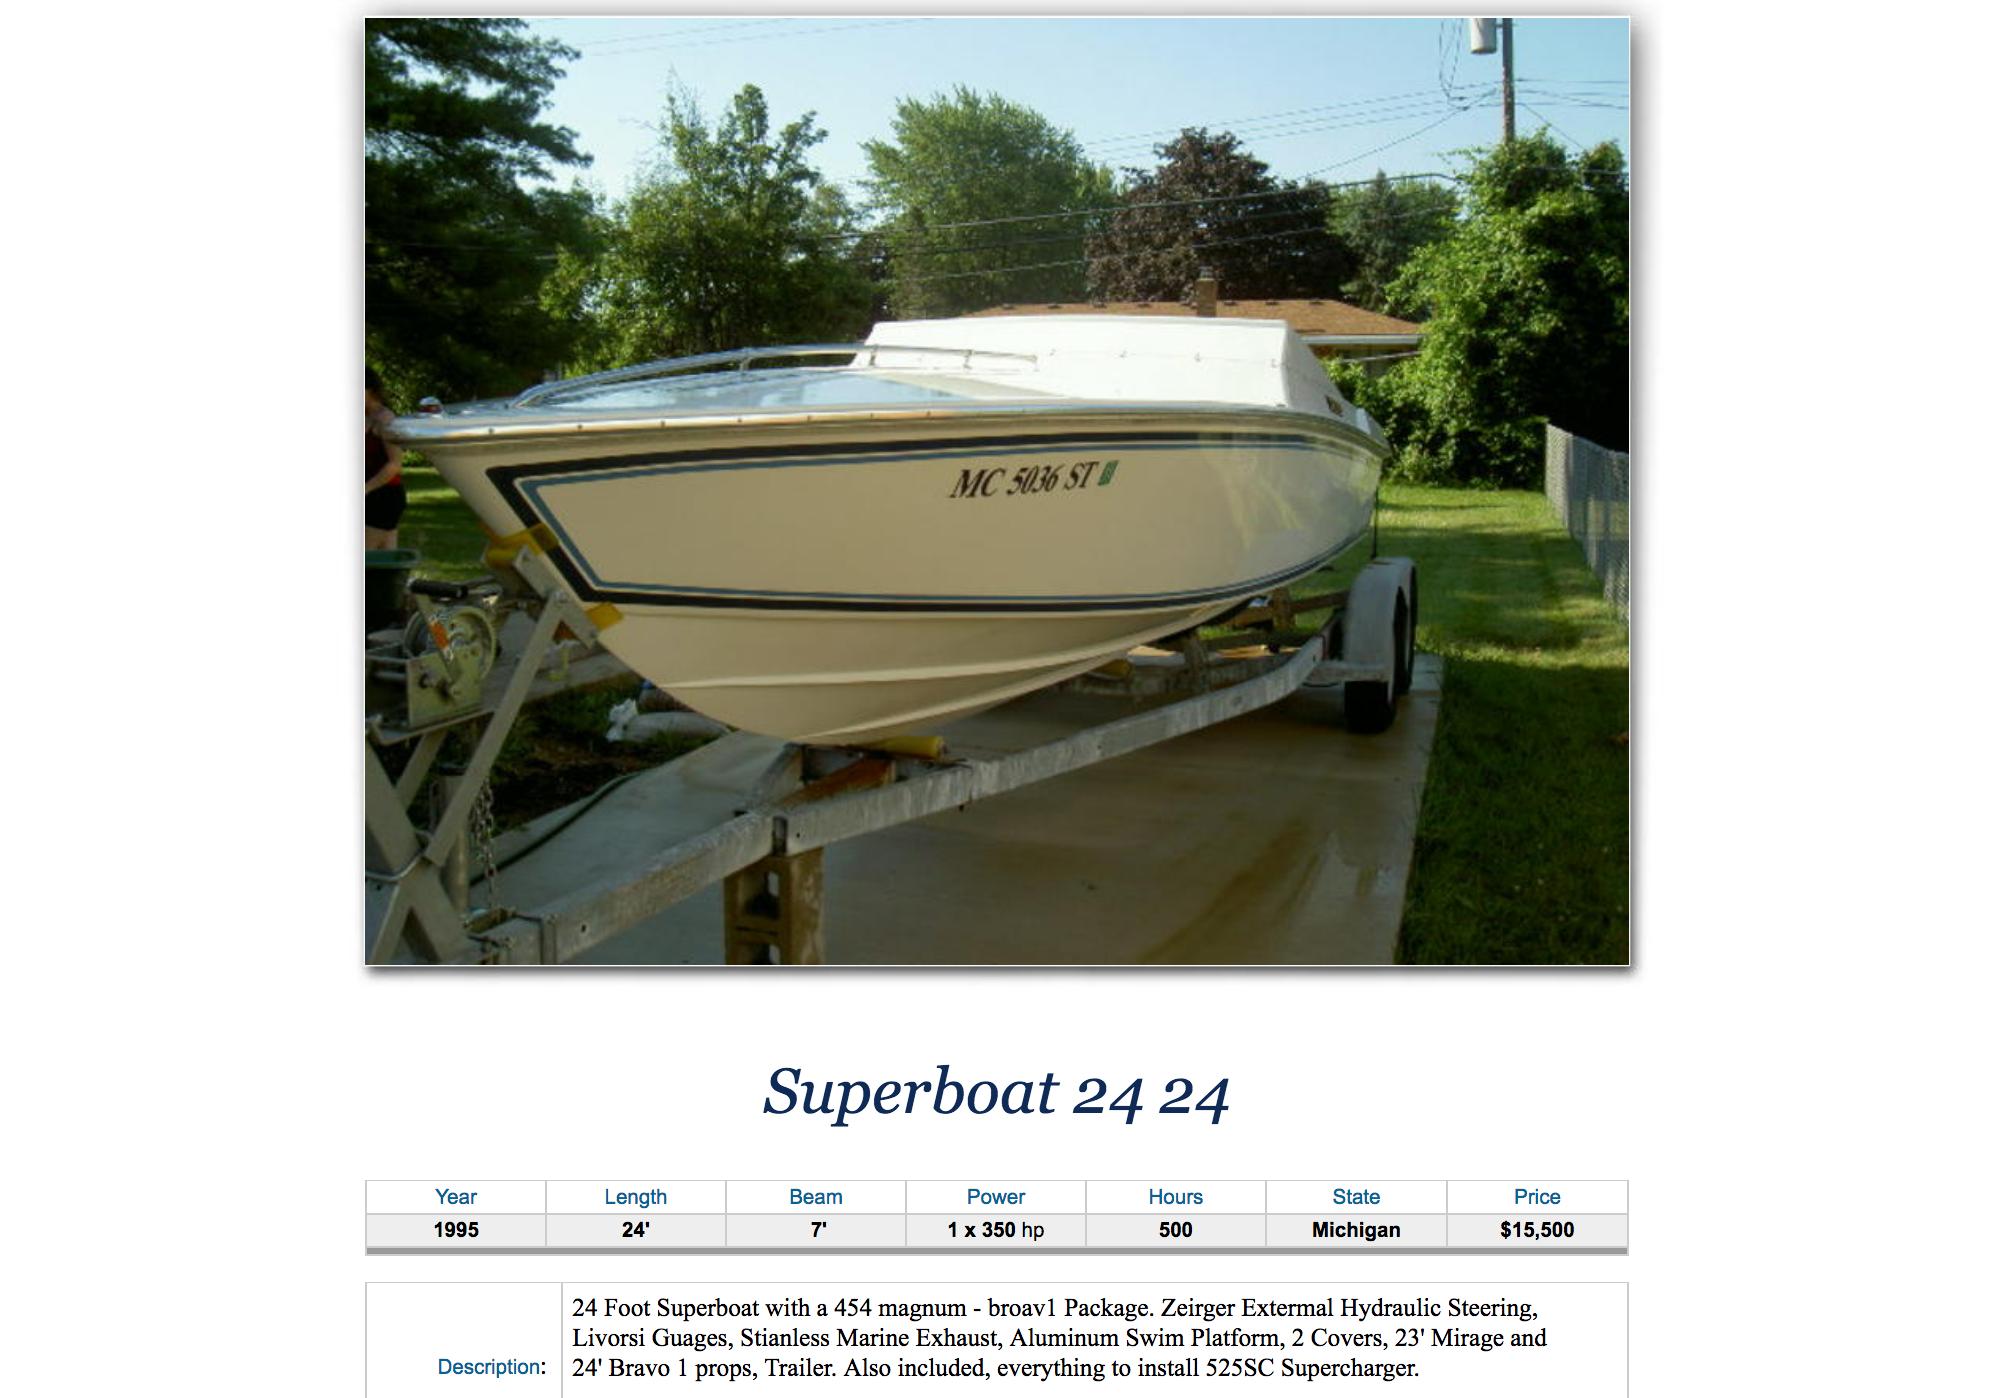 Superboat 24